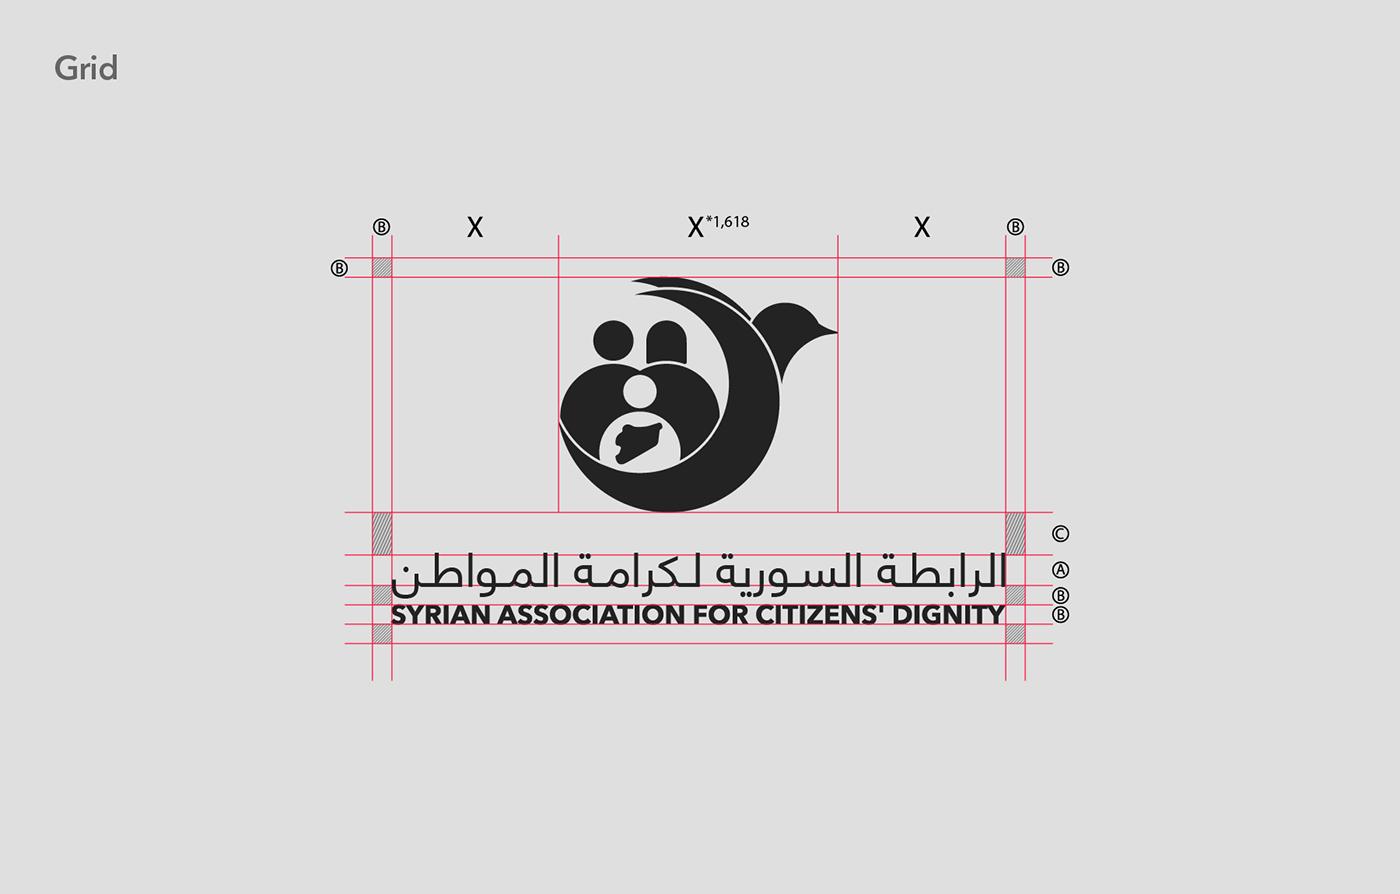 brand crises jurist law logo NGO refugee sacd Syria syrian